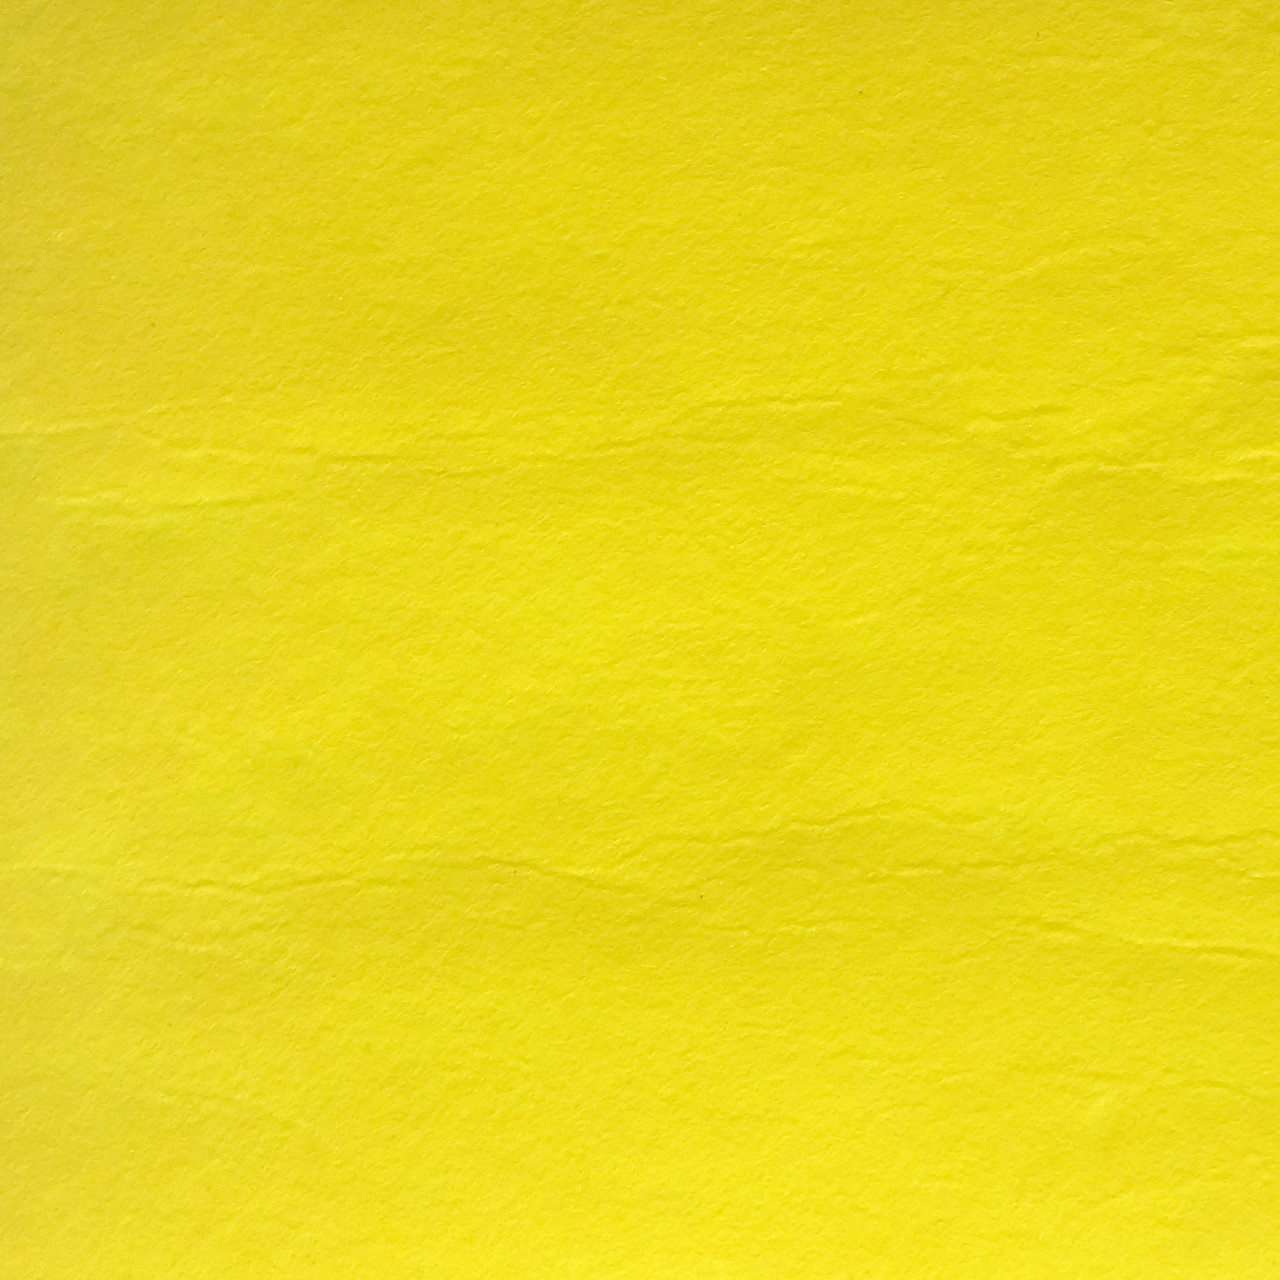 Фетр жесткий 1 мм, полиэстер, ЛИМОННЫЙ, 1 х 0.82 м, на метраж